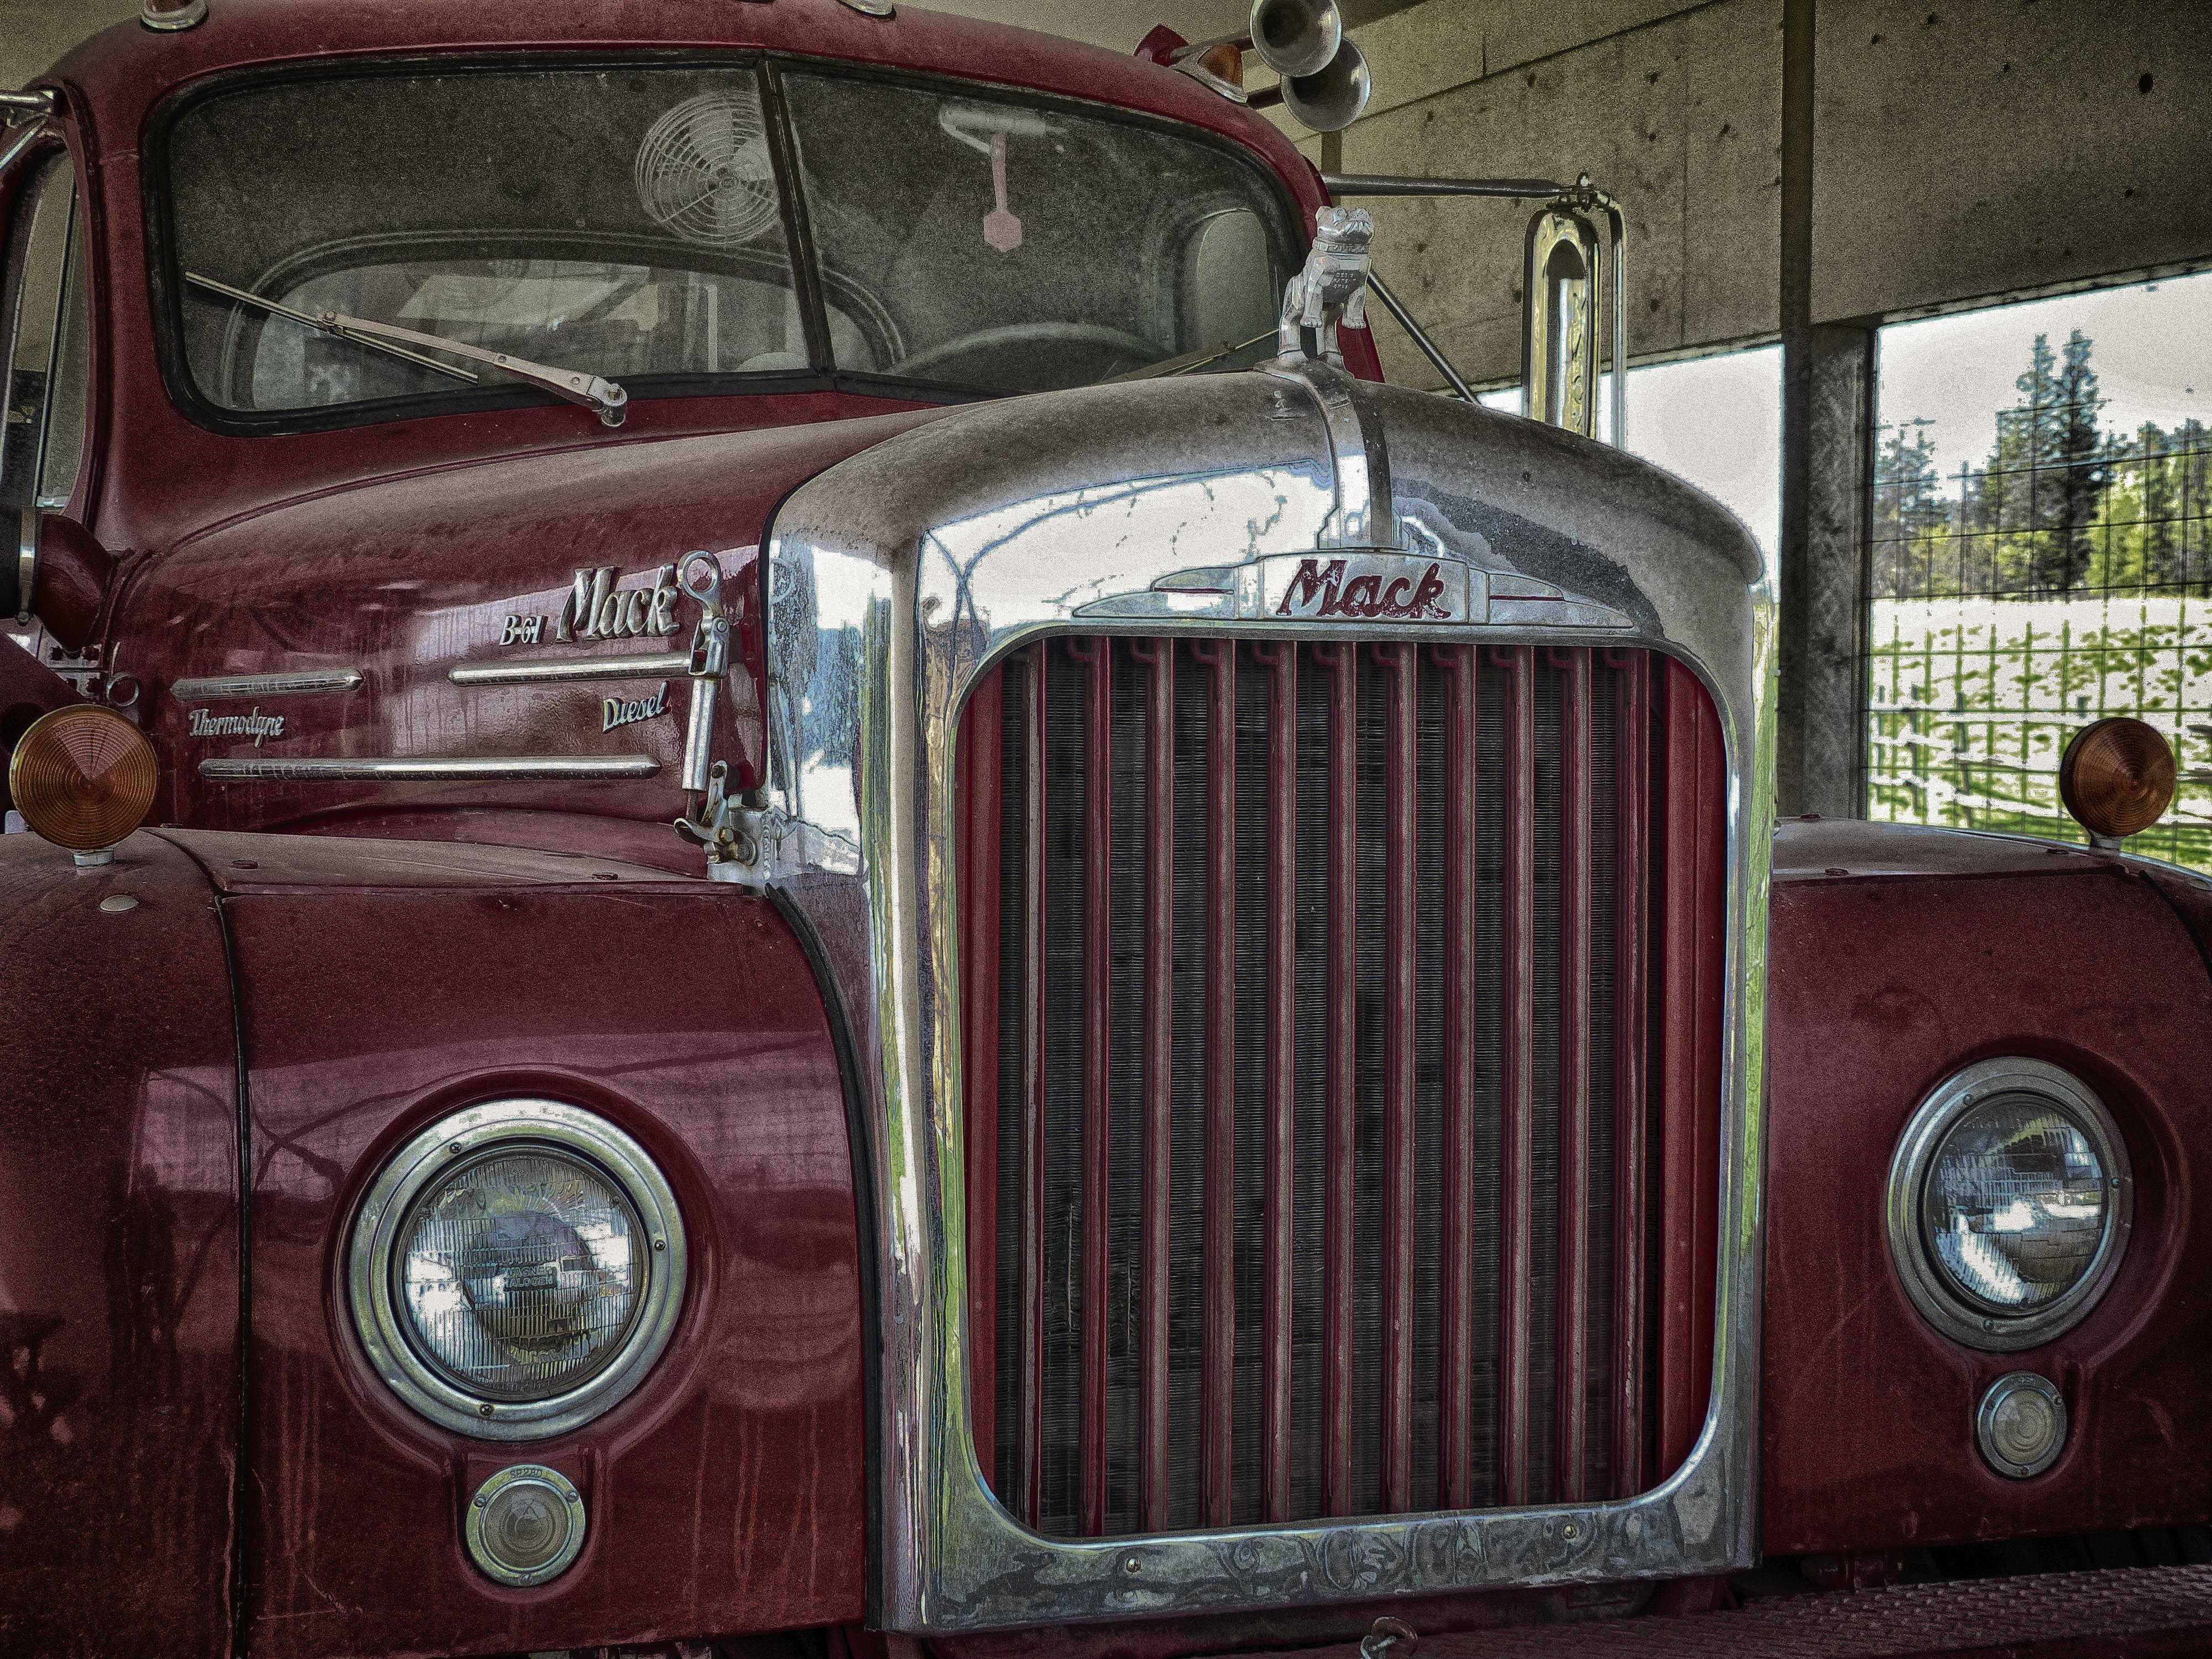 Free Images : old, transportation, red, motor vehicle, vintage car ...